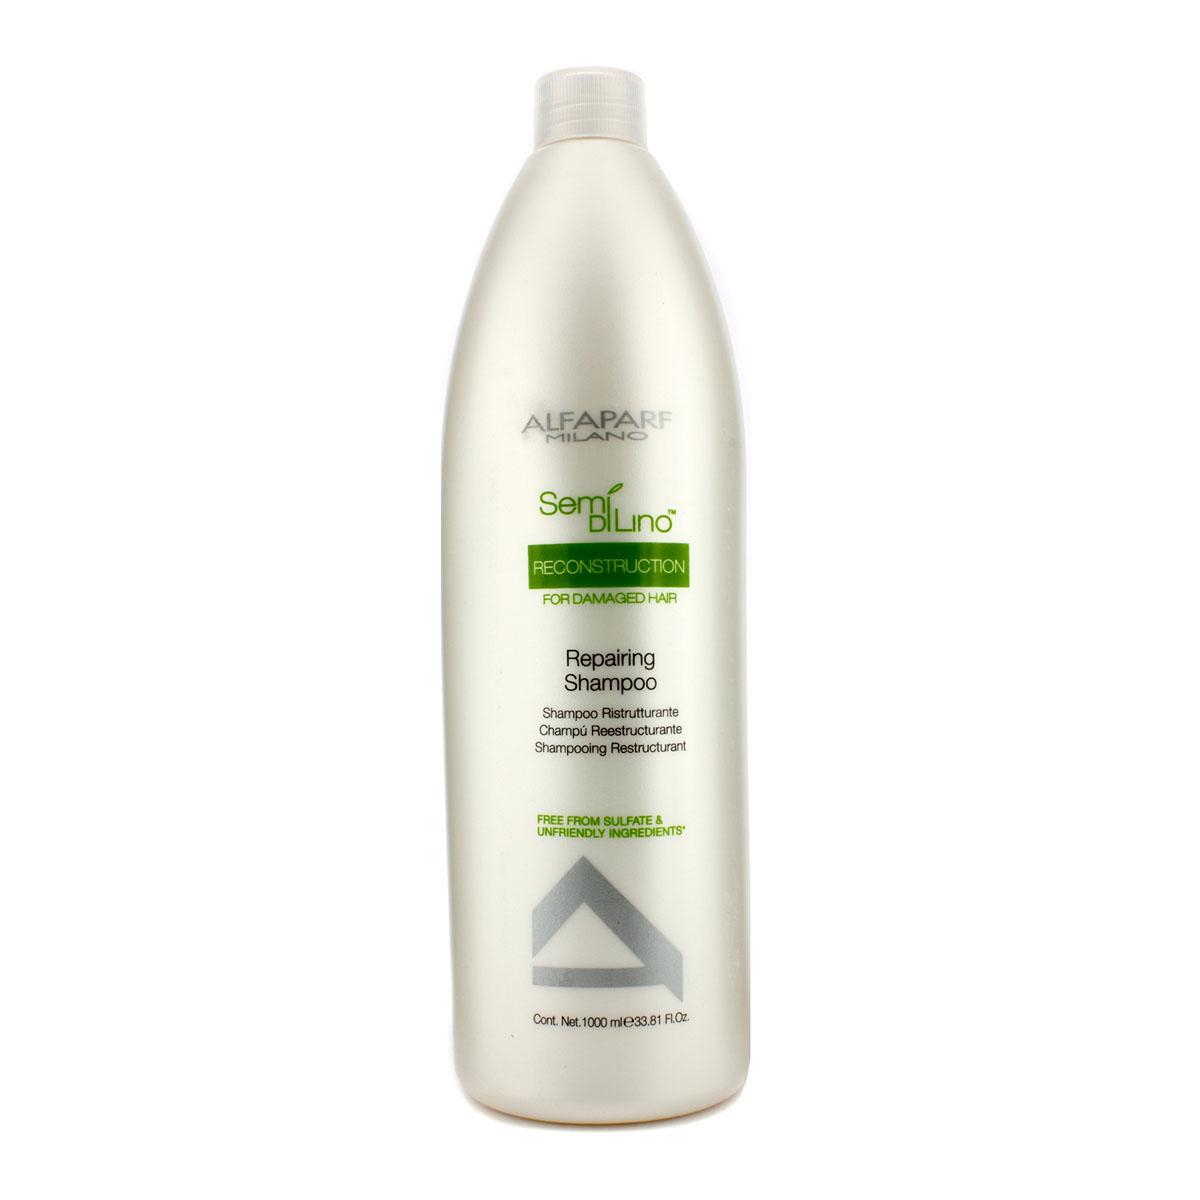 Alfaparf Шампунь для поврежденных волос Semi Di Lino Reconstruction Reparative Shampoo 1000 мл10014Alfaparf Semi Di Lino Reconstruction Reparative Shampoo Шампуньдля повреждённых волос разработан специально для повреждённых, ломких и слабых волос. Данное средство обеспечивает волосам тройной эффект способствует быстрому восстановлению повреждённых волос, усиливает их блеск, защищает естественный цвет волос.В состав шампуня Alfaparf SDL Reconstruction Reparative входит экстракт семени льна, который делает волосы блестящими, мягкими и гладкими, обеспечивая их лёгкое расчёсывание, а также экстракт бамбука, который позволяет реанимировать и увеличить гибкость волосяного стрежня. Шампунь Альфапарф SDL для повреждённых волос наделяет волосы здоровьем и блеском, сохраняя их естественный цвет. Подходит для типов волос: повреждённых, ломких и слабых.